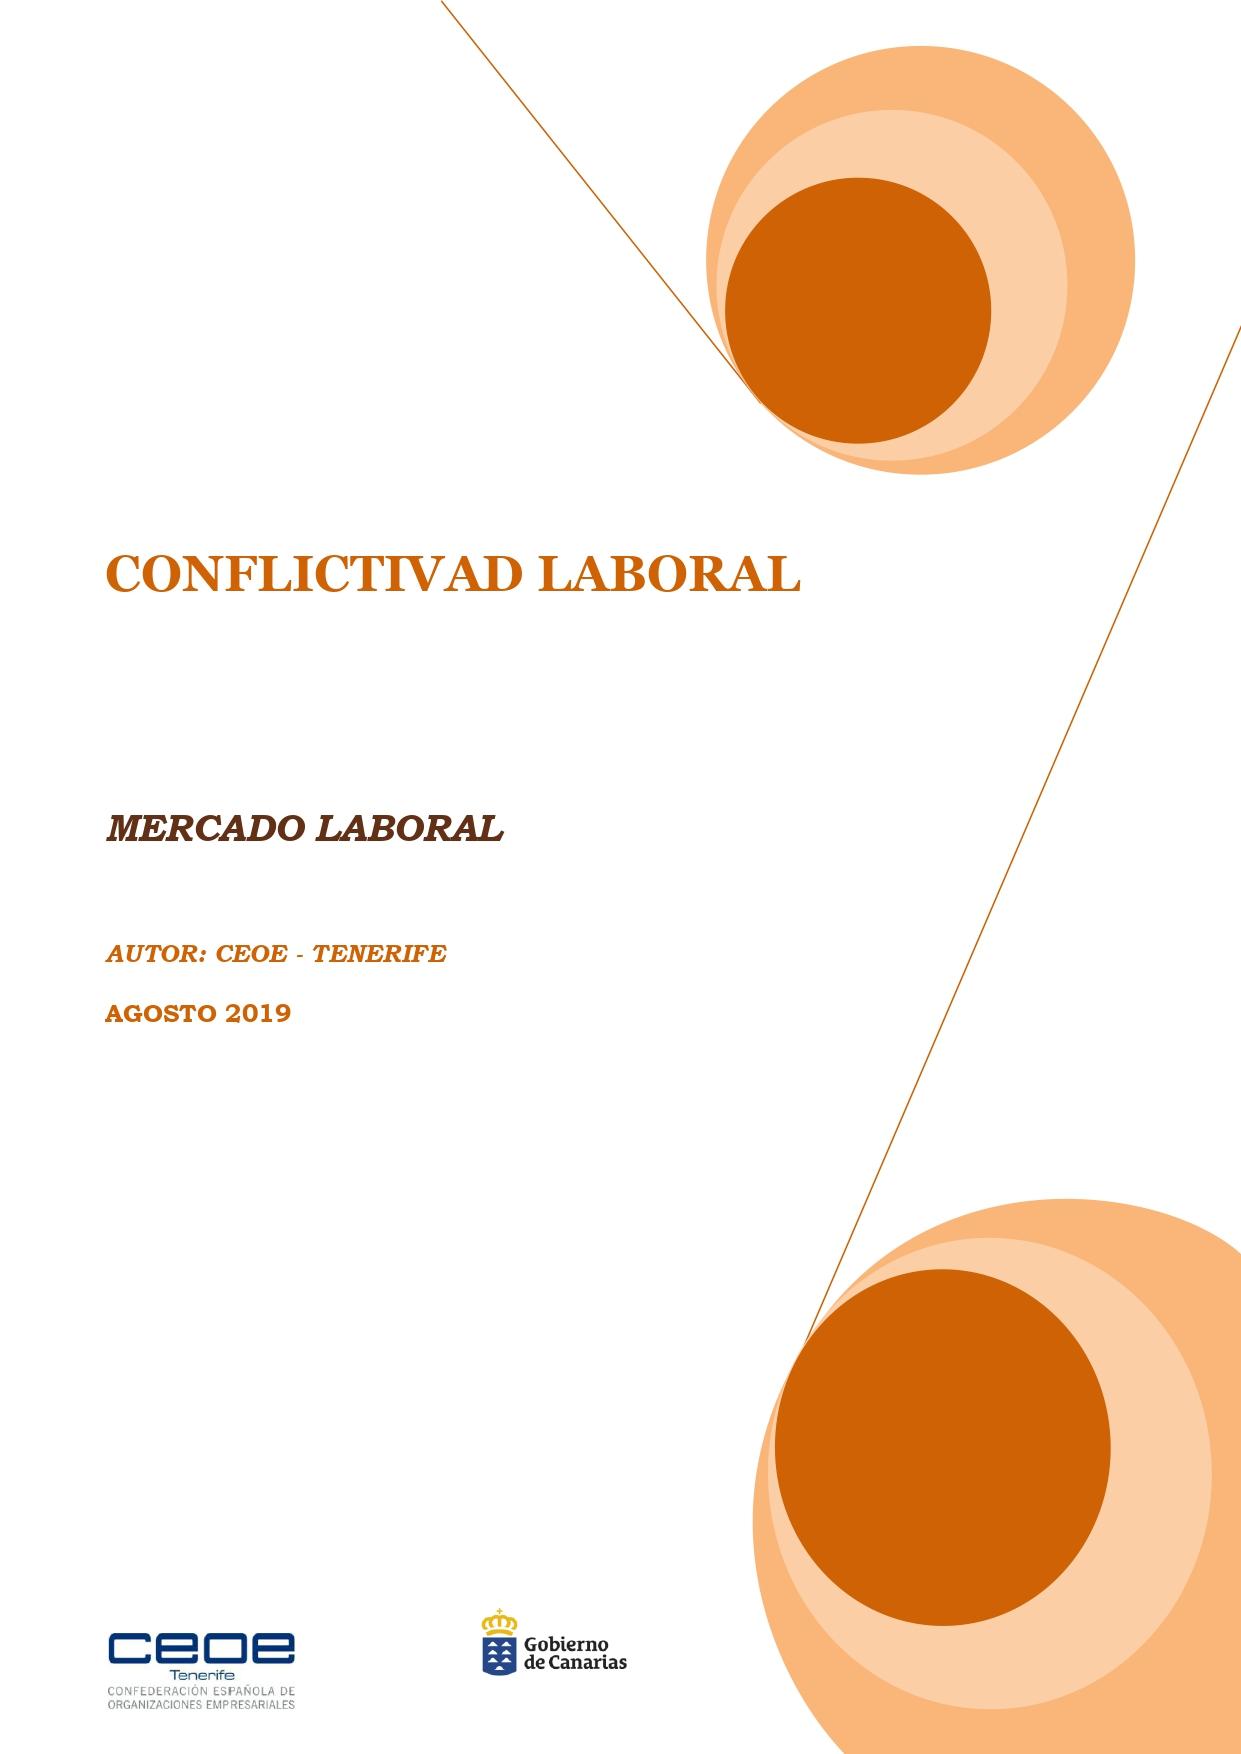 MERCADO LABORAL - CONFLICTIVIDAD LABORAL AGOSTO 2019